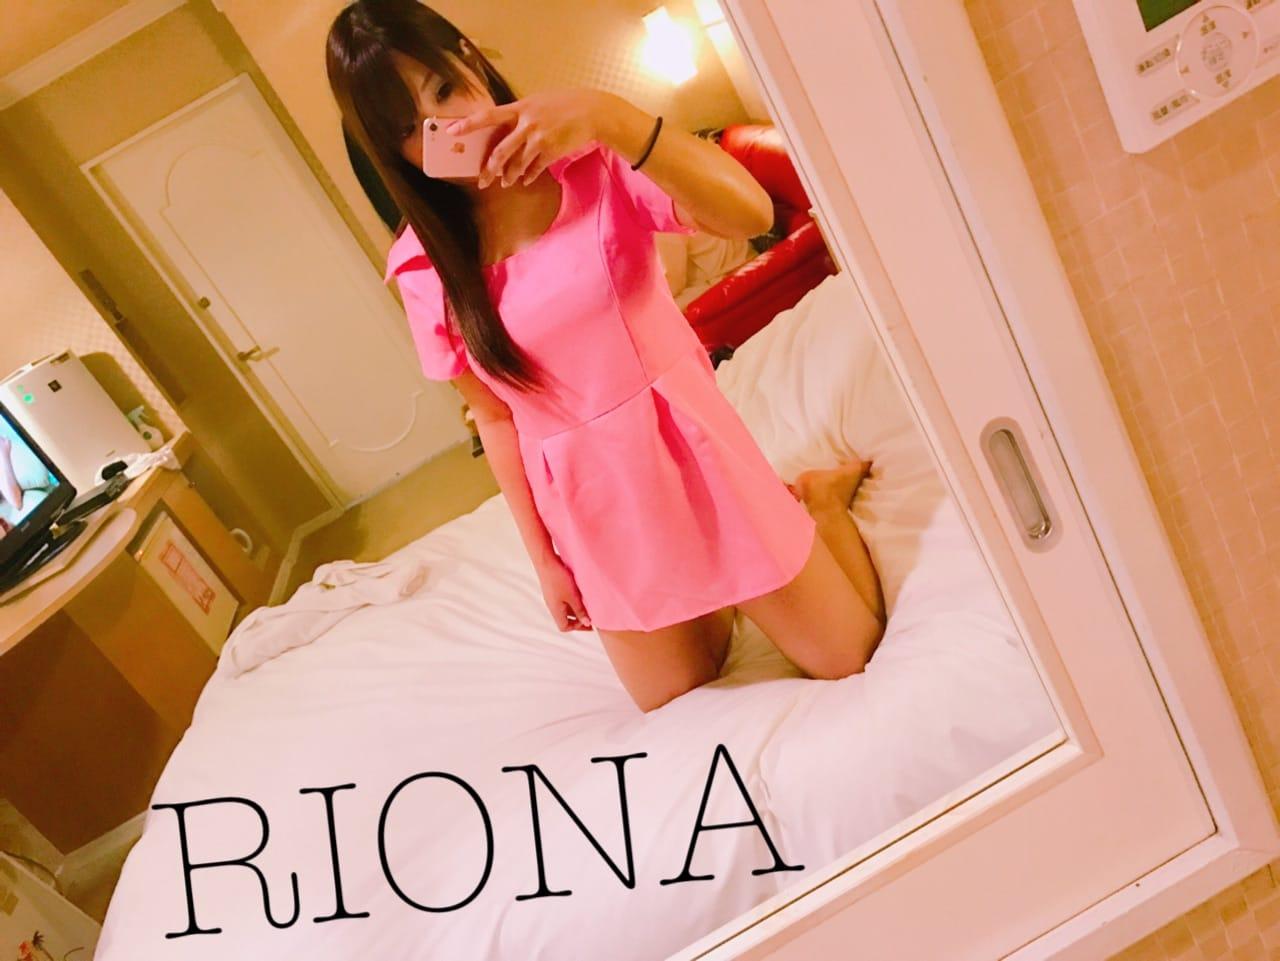 リオナ「御礼♡*.+゜」03/17(土) 21:25 | リオナの写メ・風俗動画